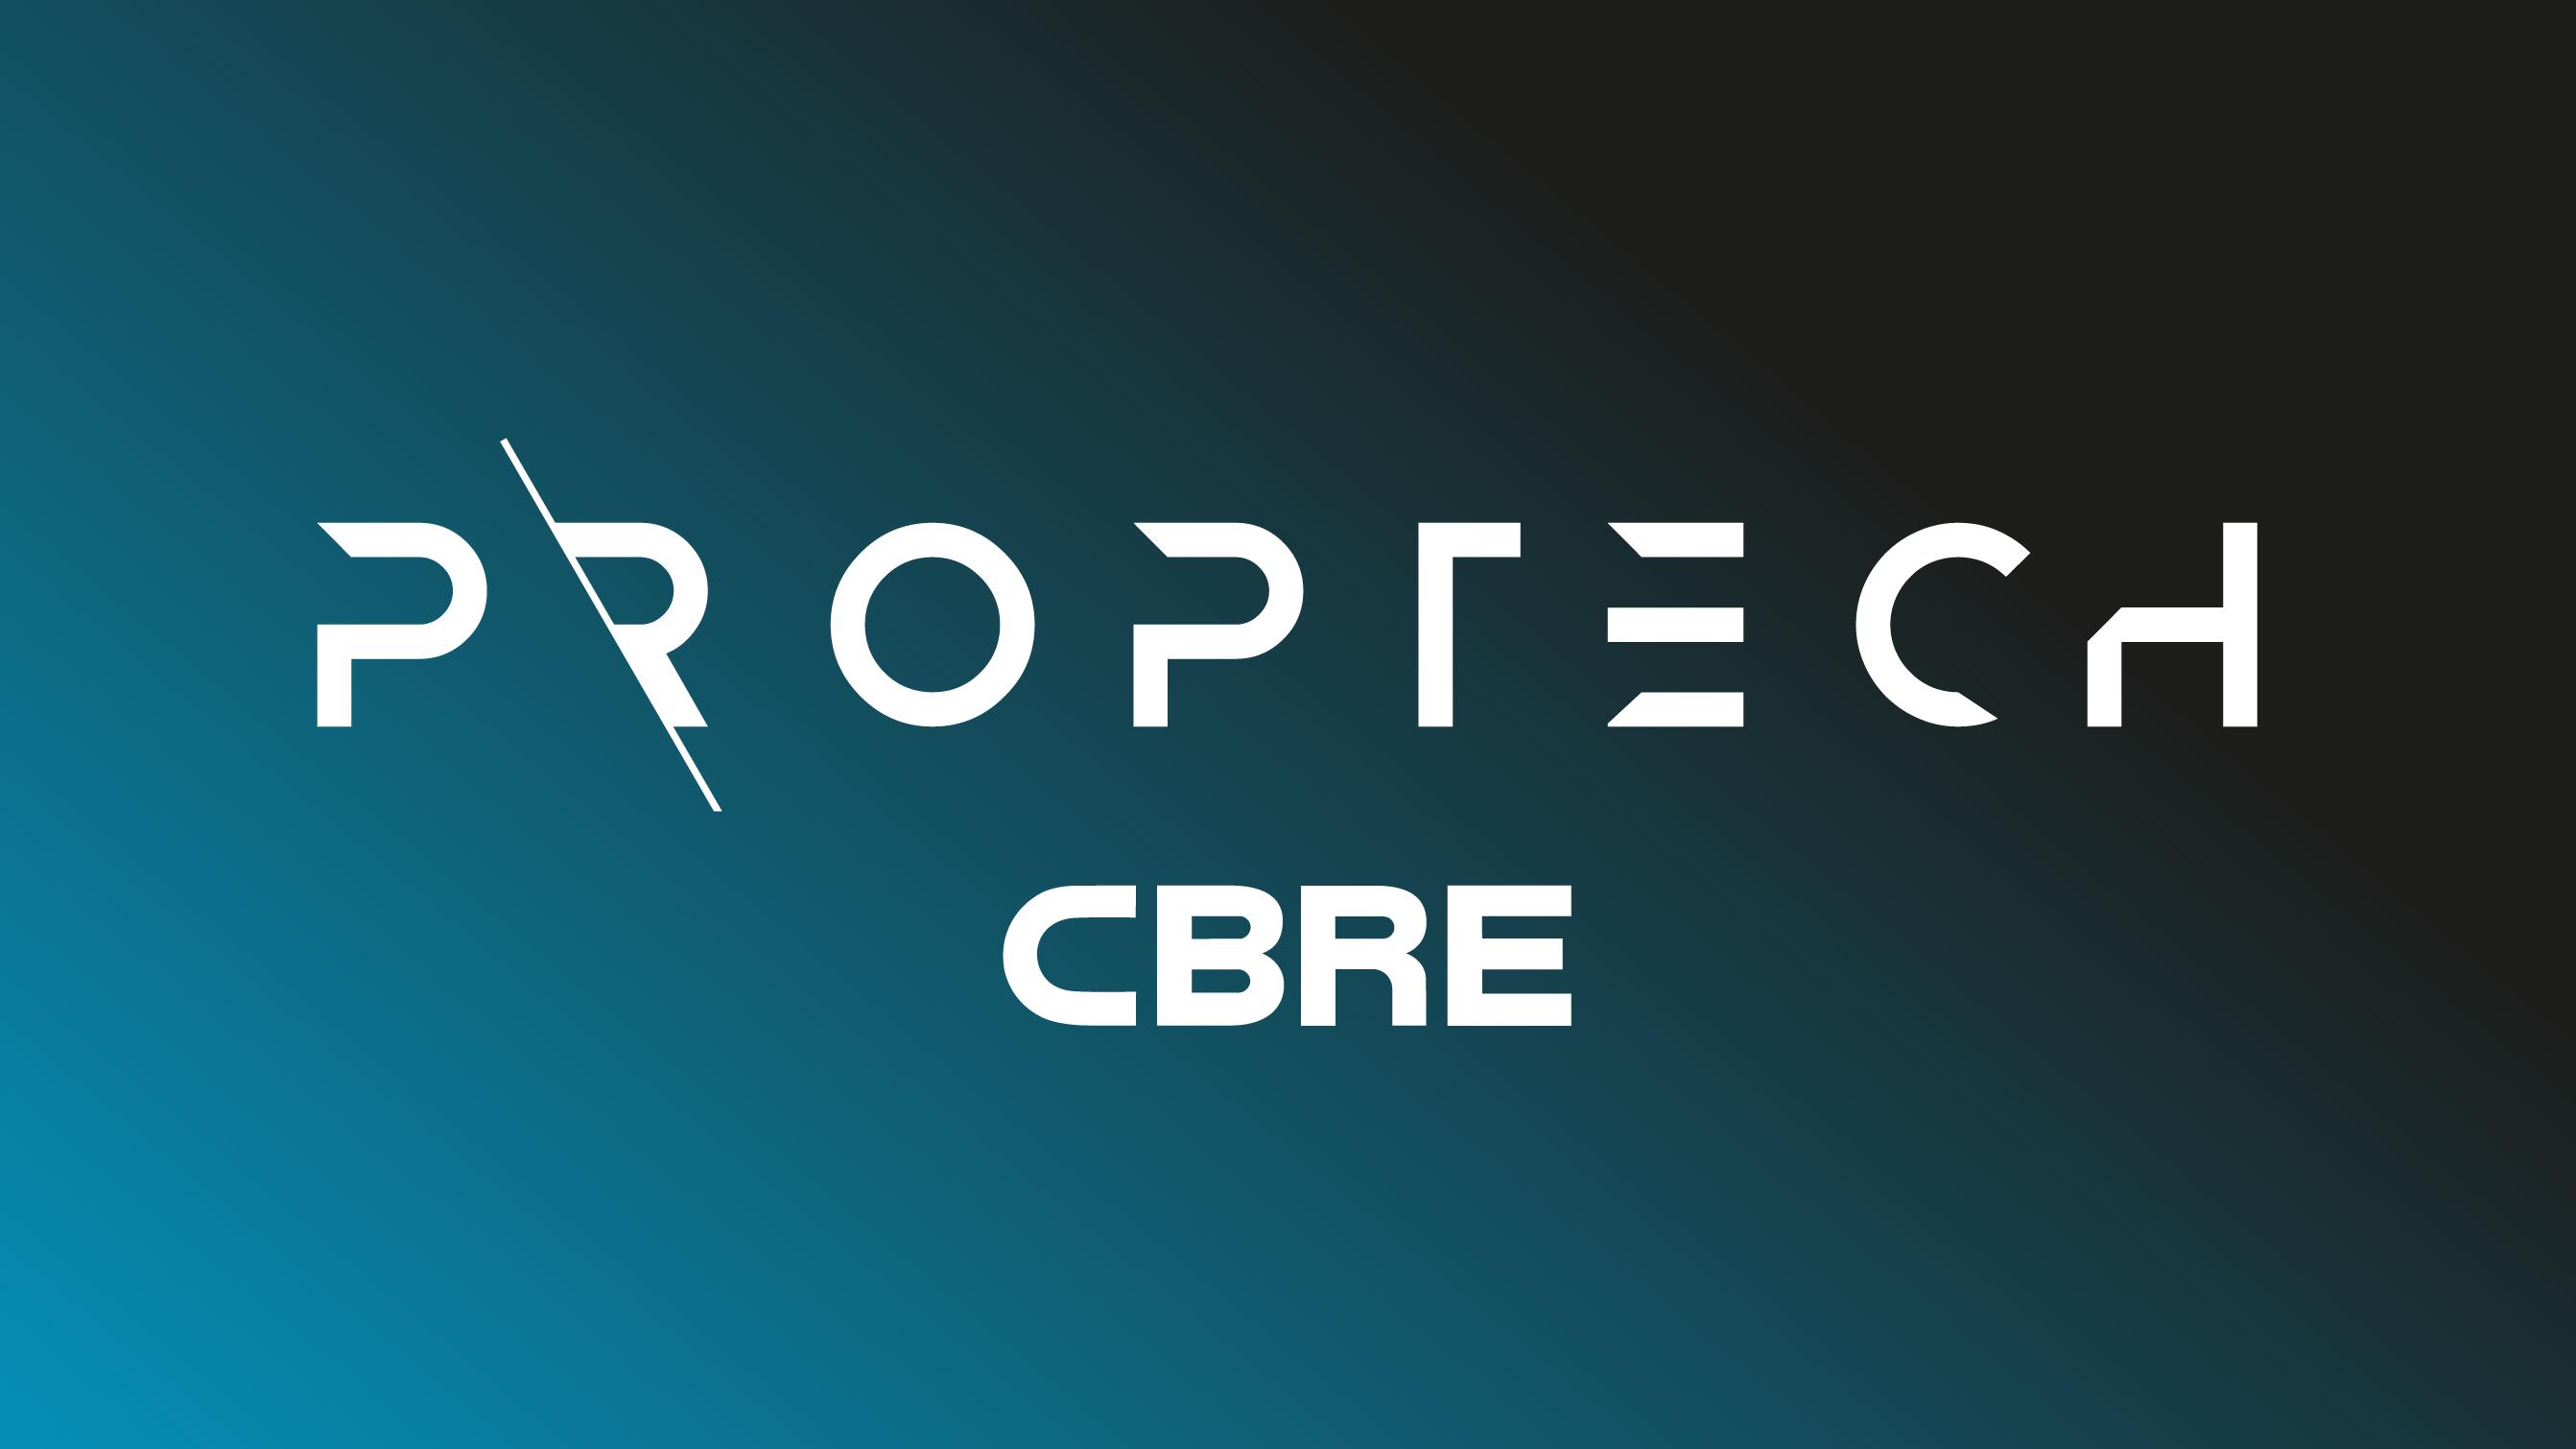 CBRE PropTech Community